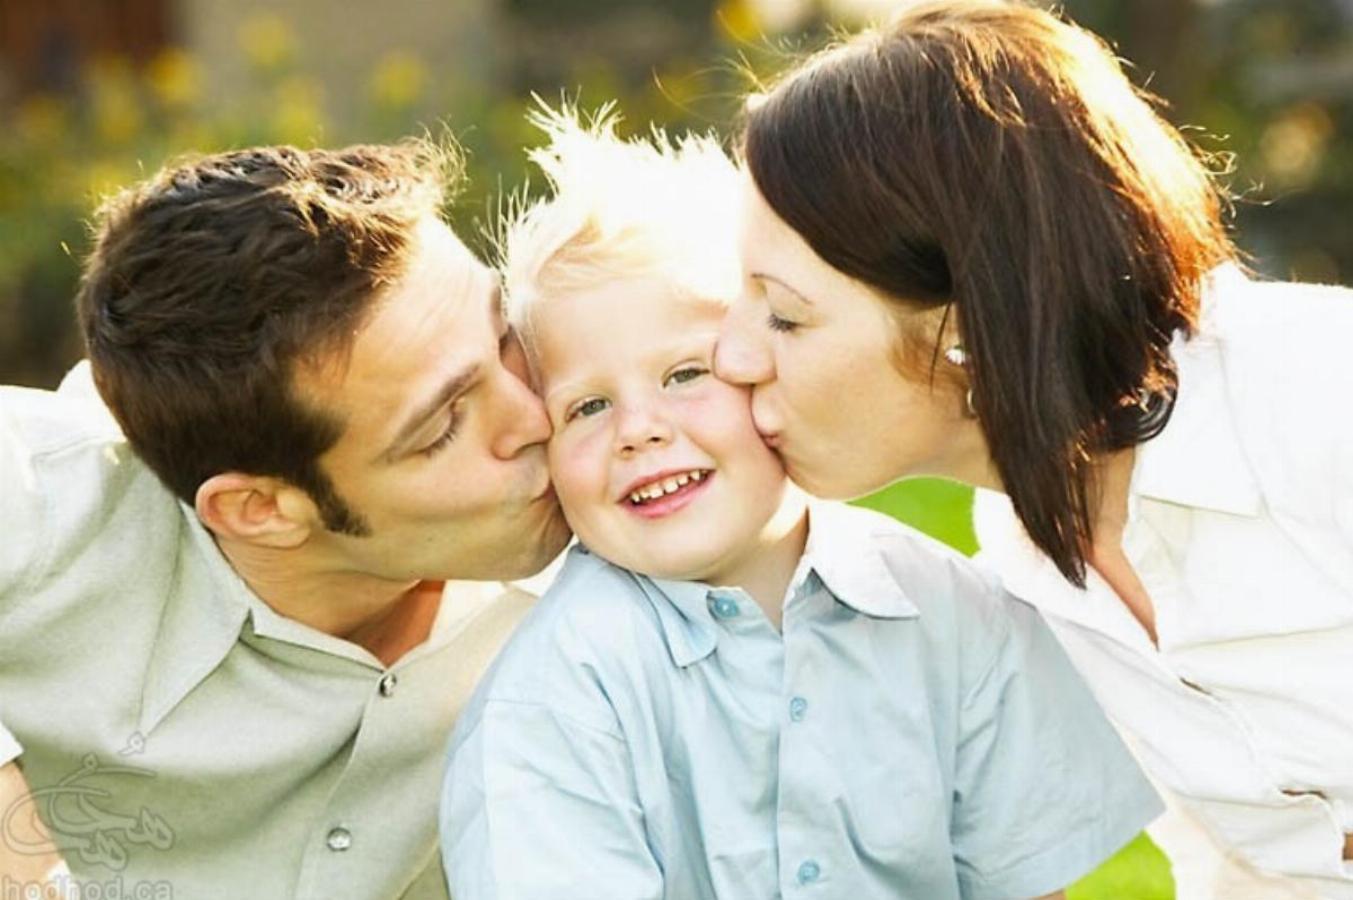 امروز 6 جولای روز جهانی بوسه !